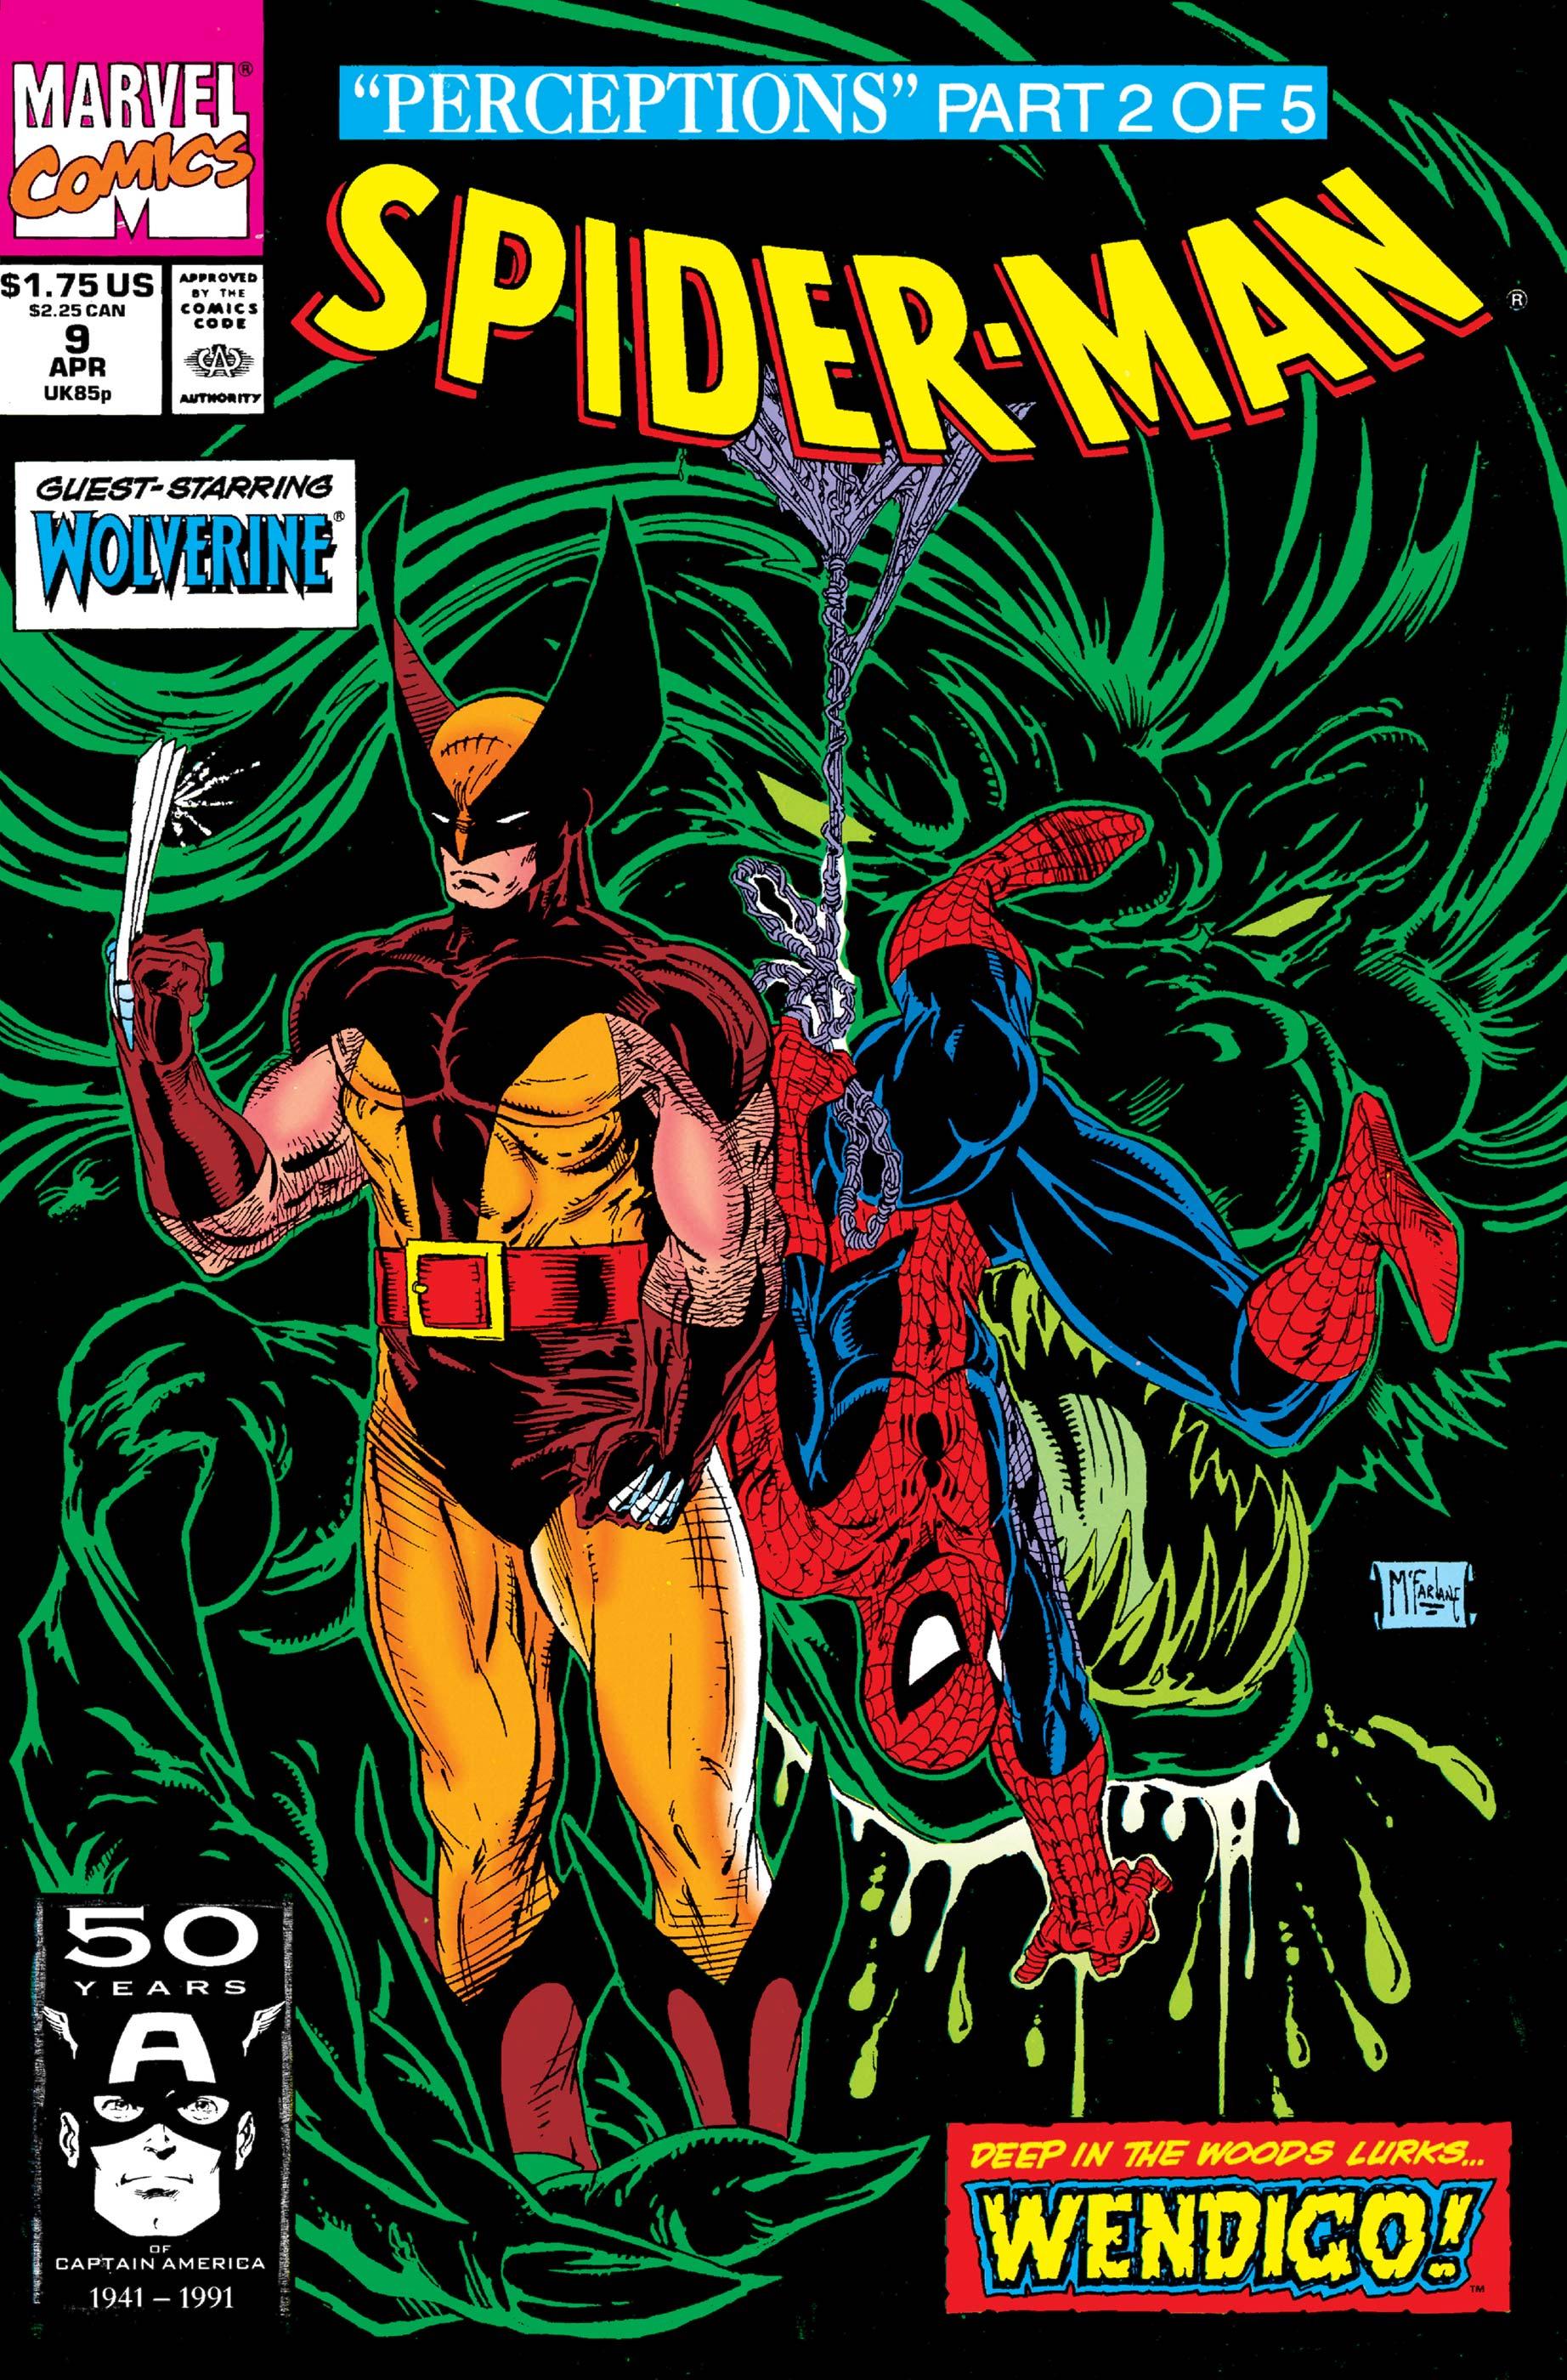 Spider-Man (1990) #9